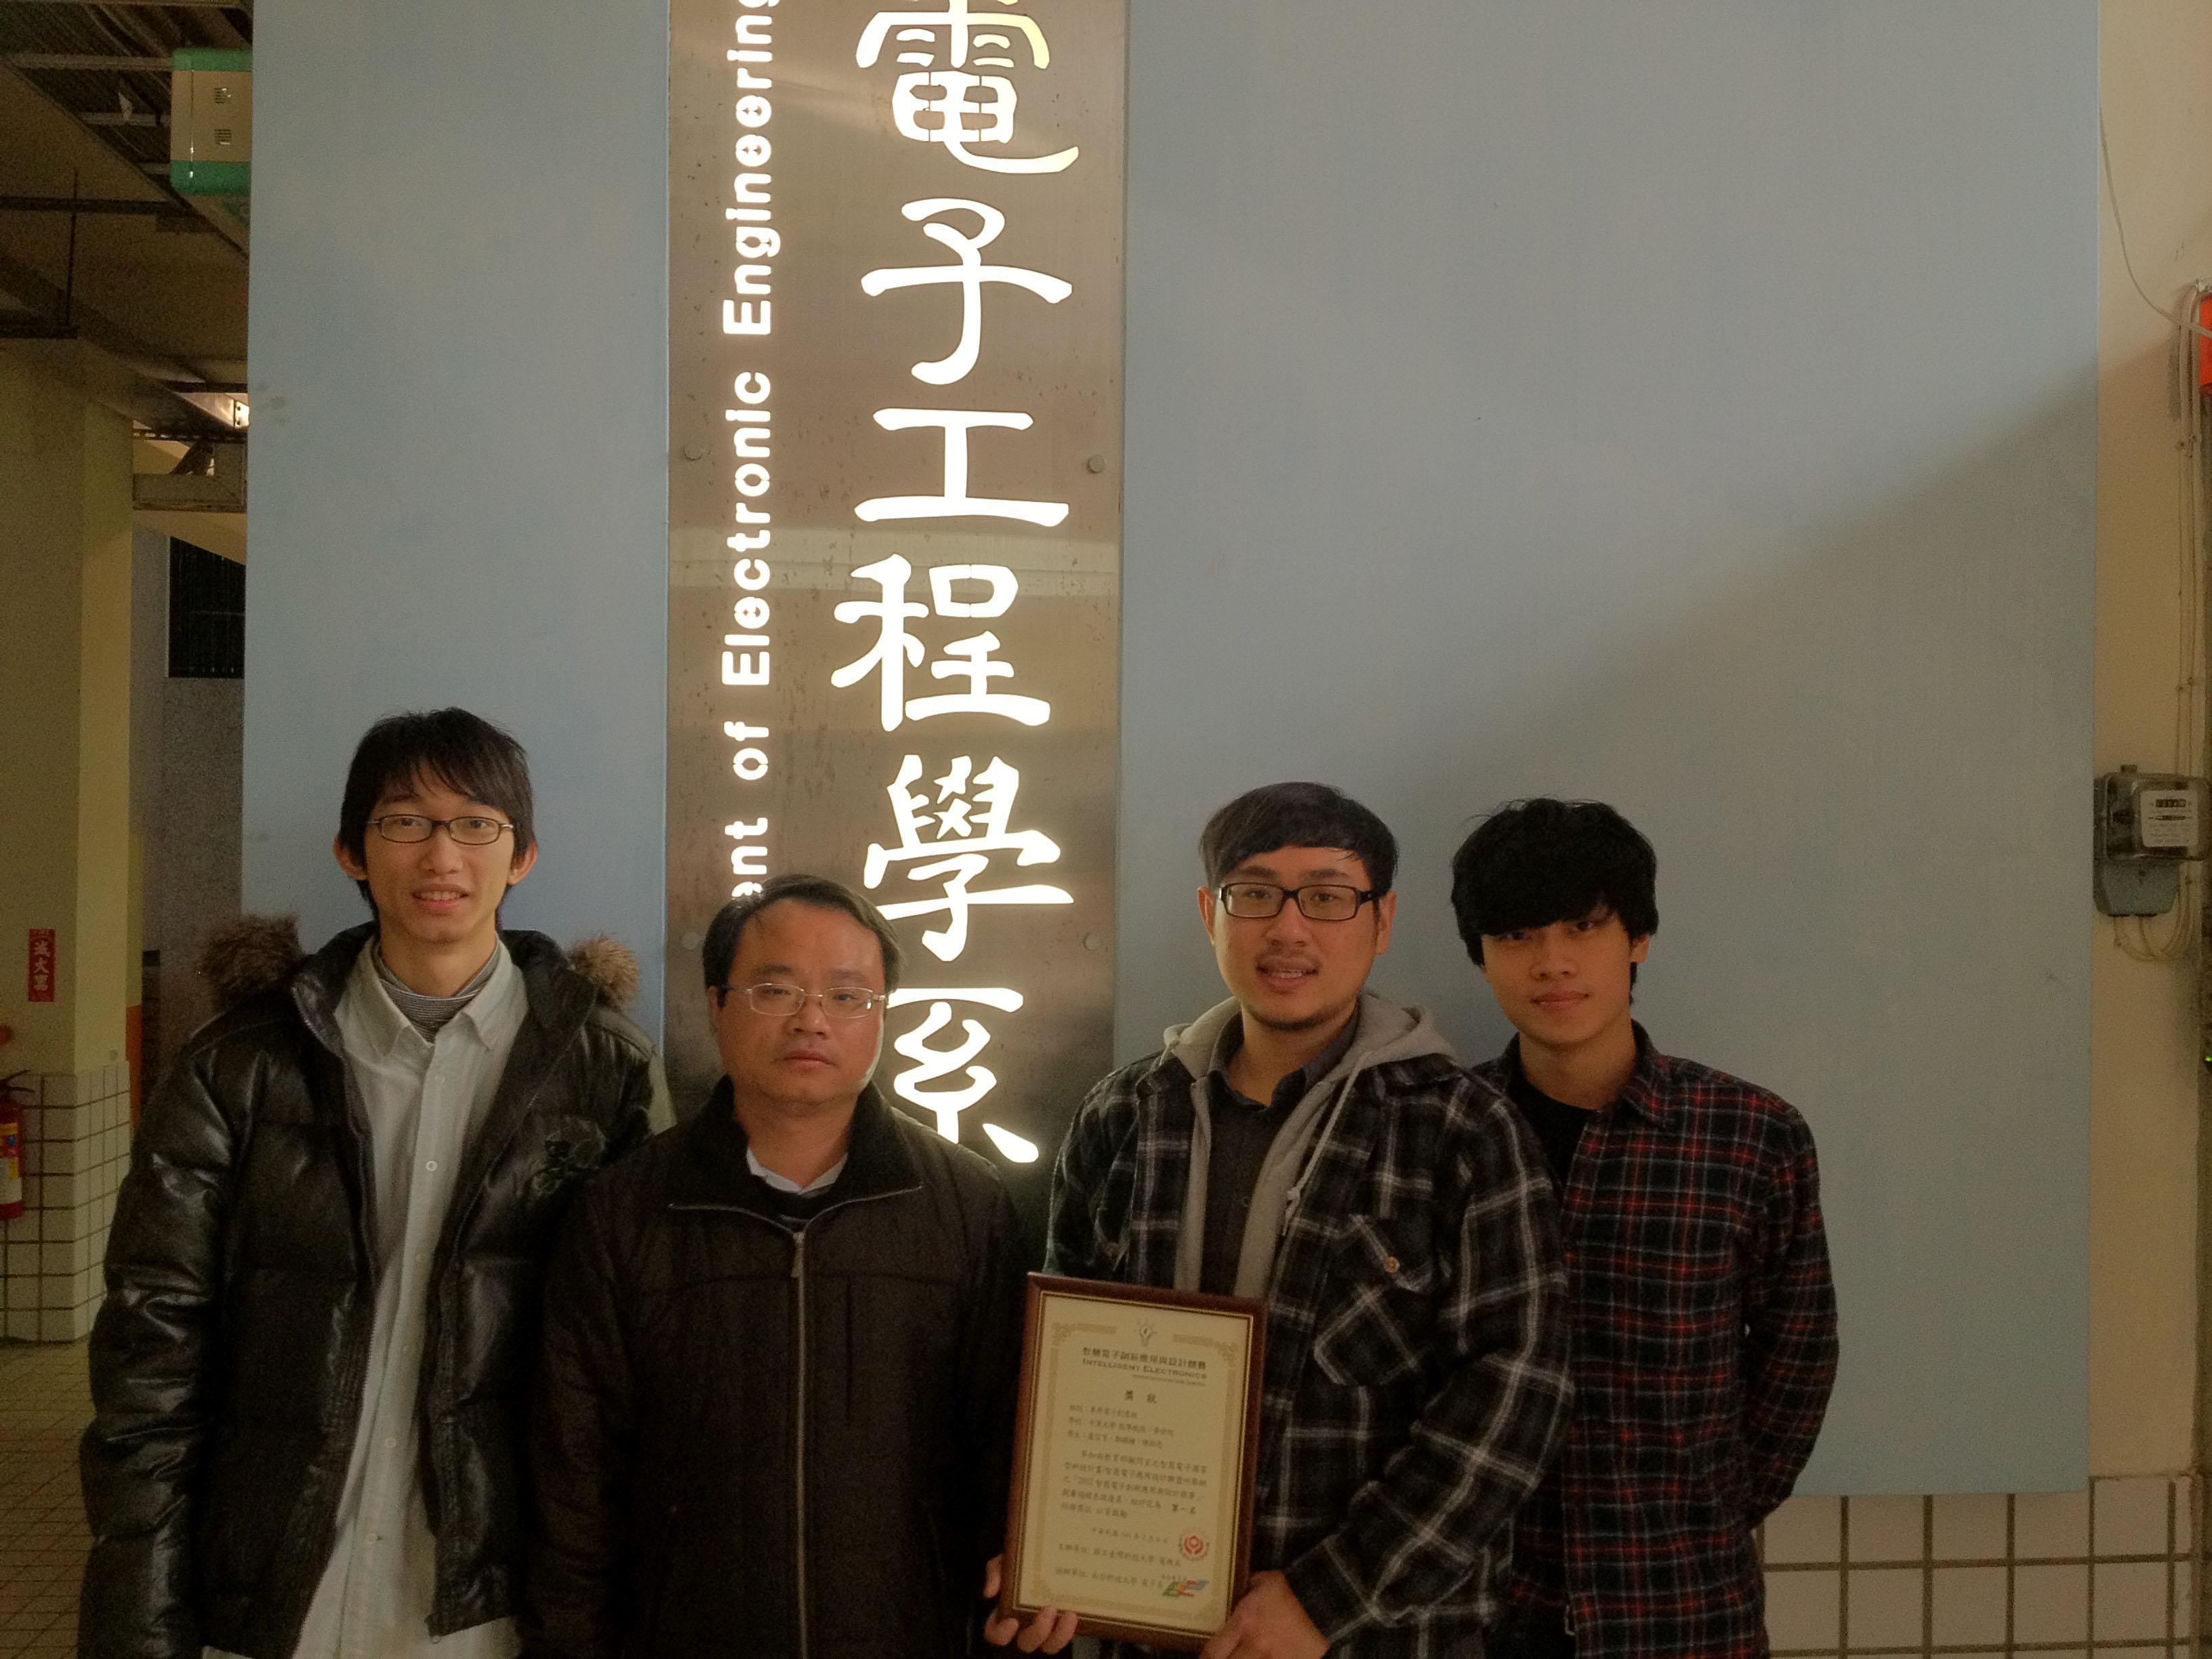 電子系師生榮獲智慧電子創新應用與設計競賽第一名!